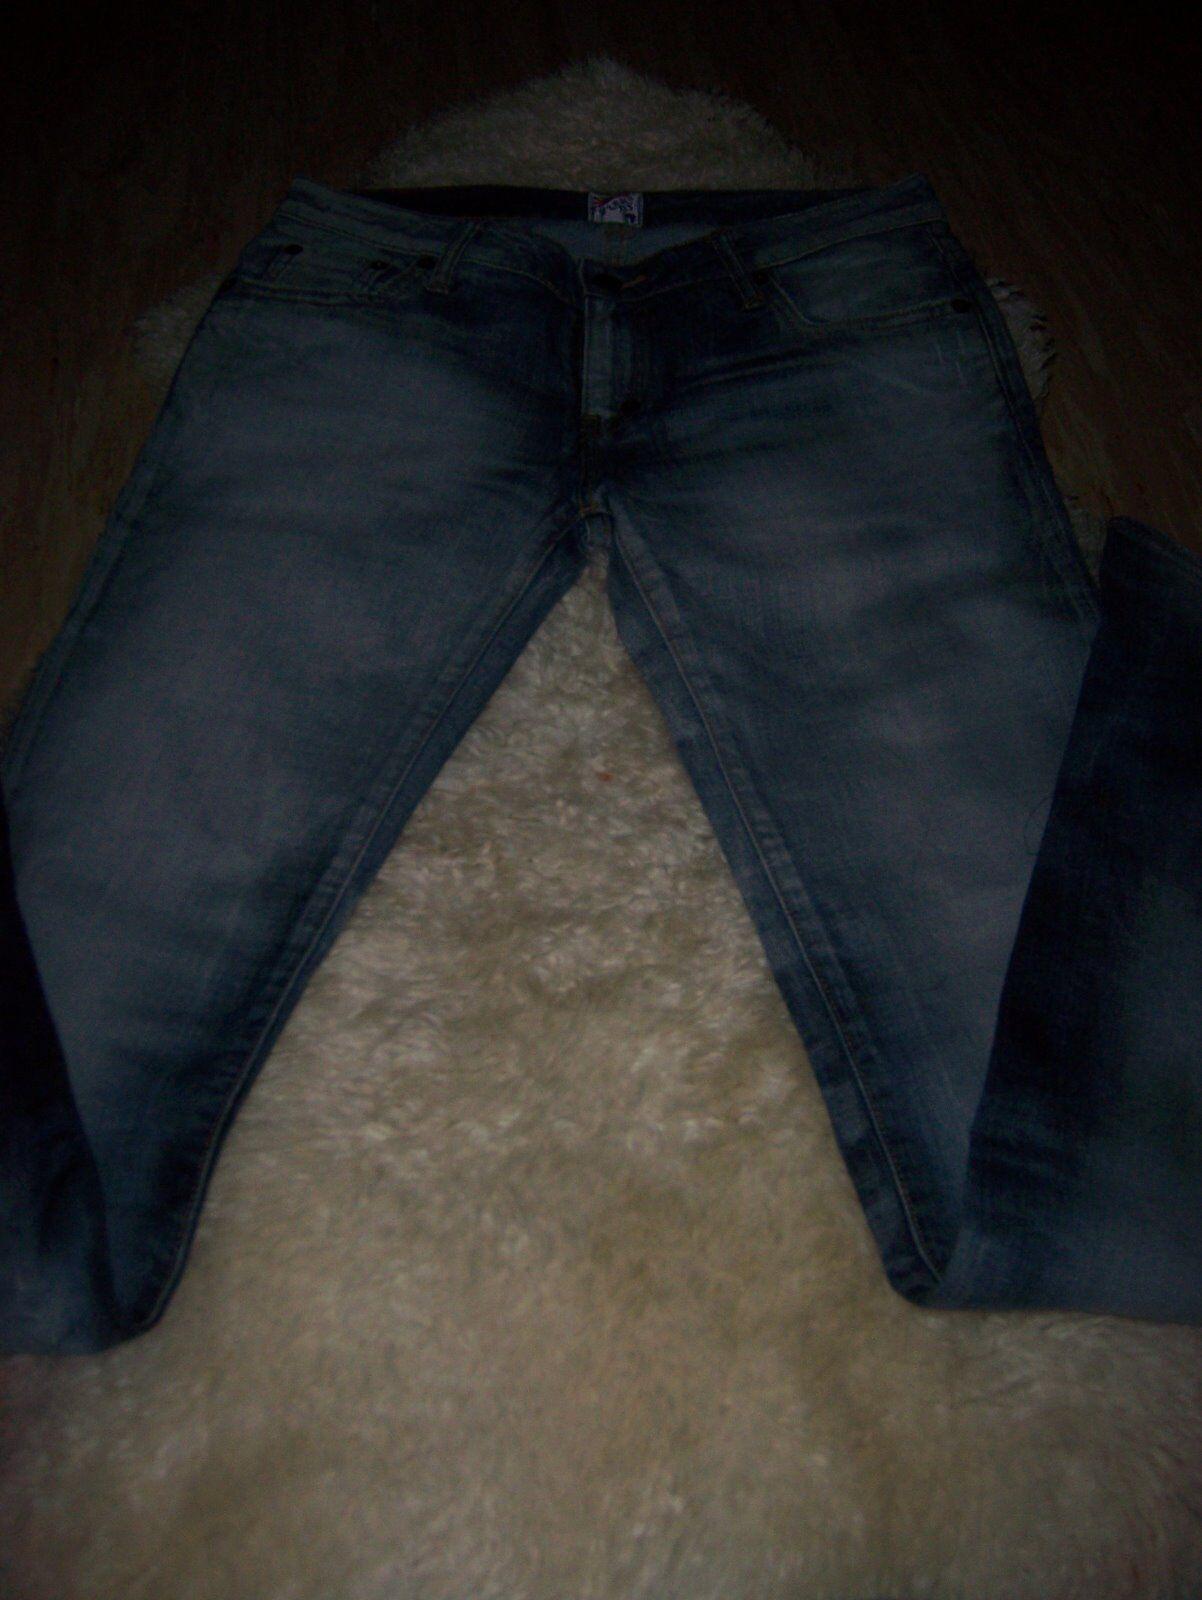 PRPS schöne Jeans W 27 L 34 Nr. R51P34V Original neuwertig